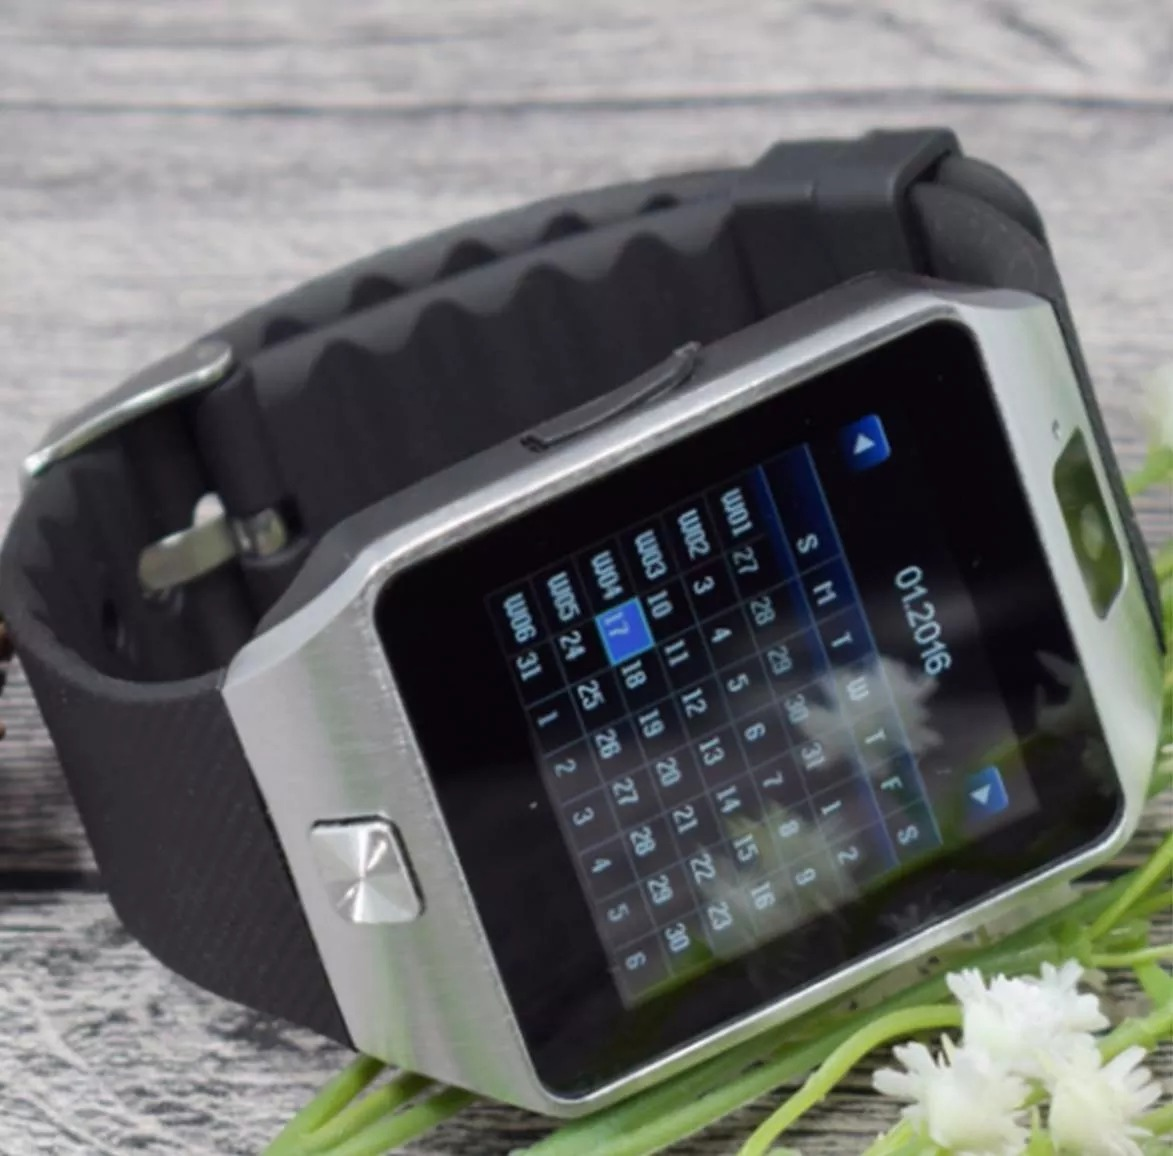 0629a11ef88 relógio celular bluetooth camera android usb sd dz09. Carregando zoom.